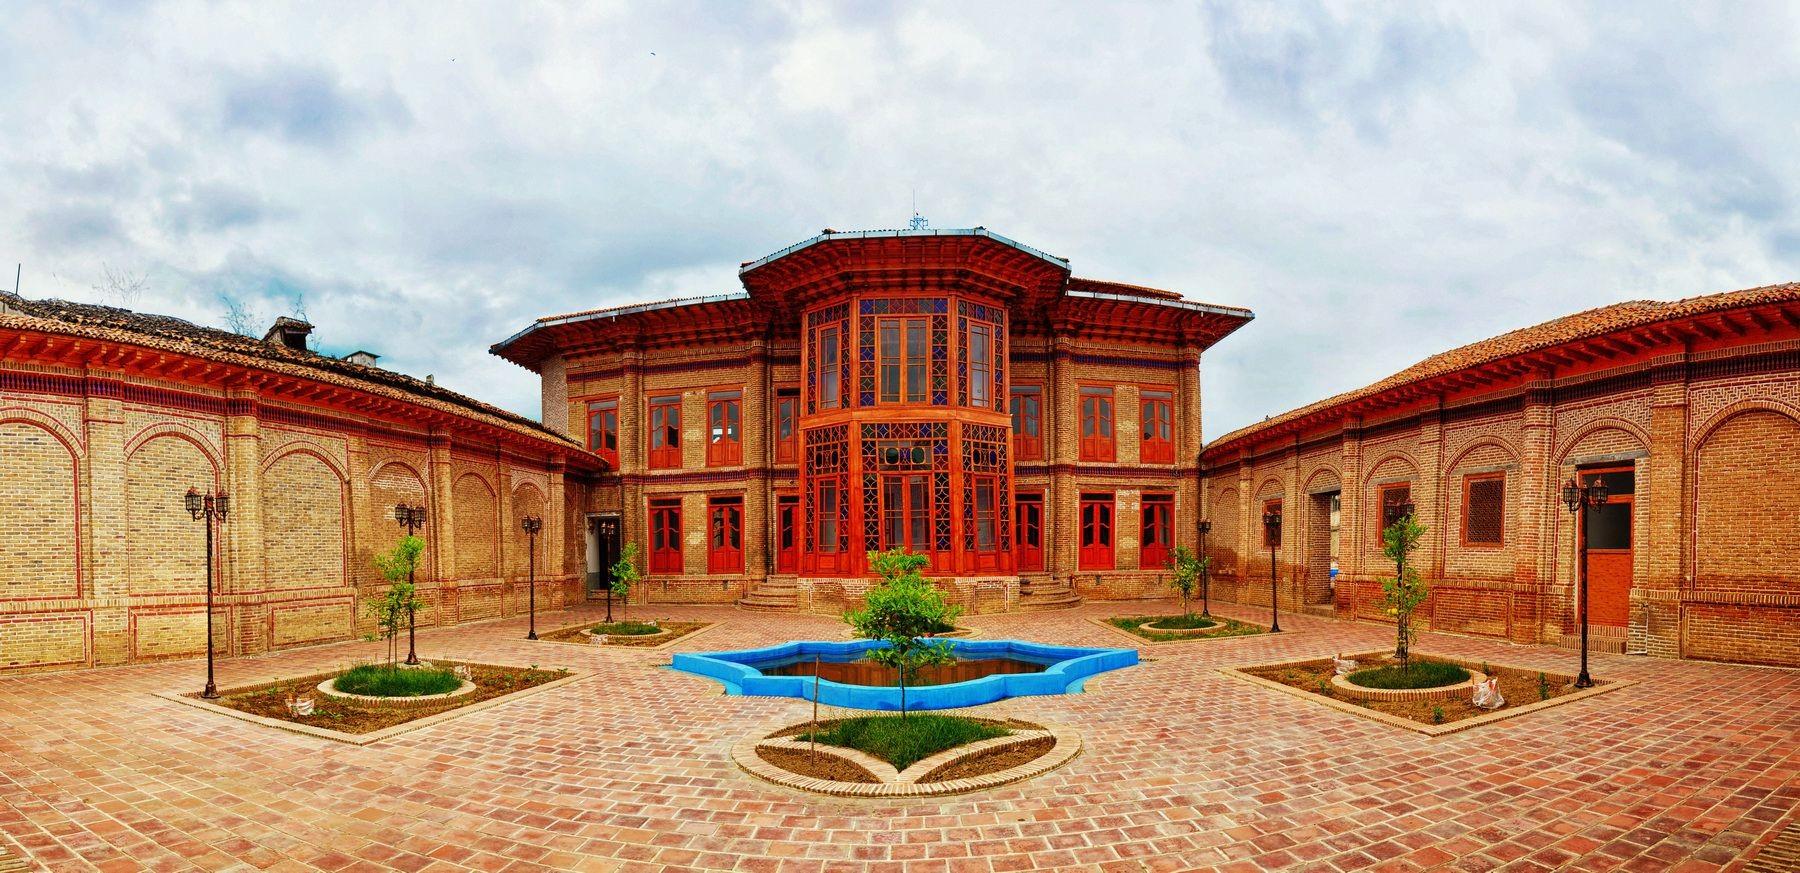 عمارت فاضلی، جاذبه بی نظیر ساری که متعلق به دو حکومت بود!